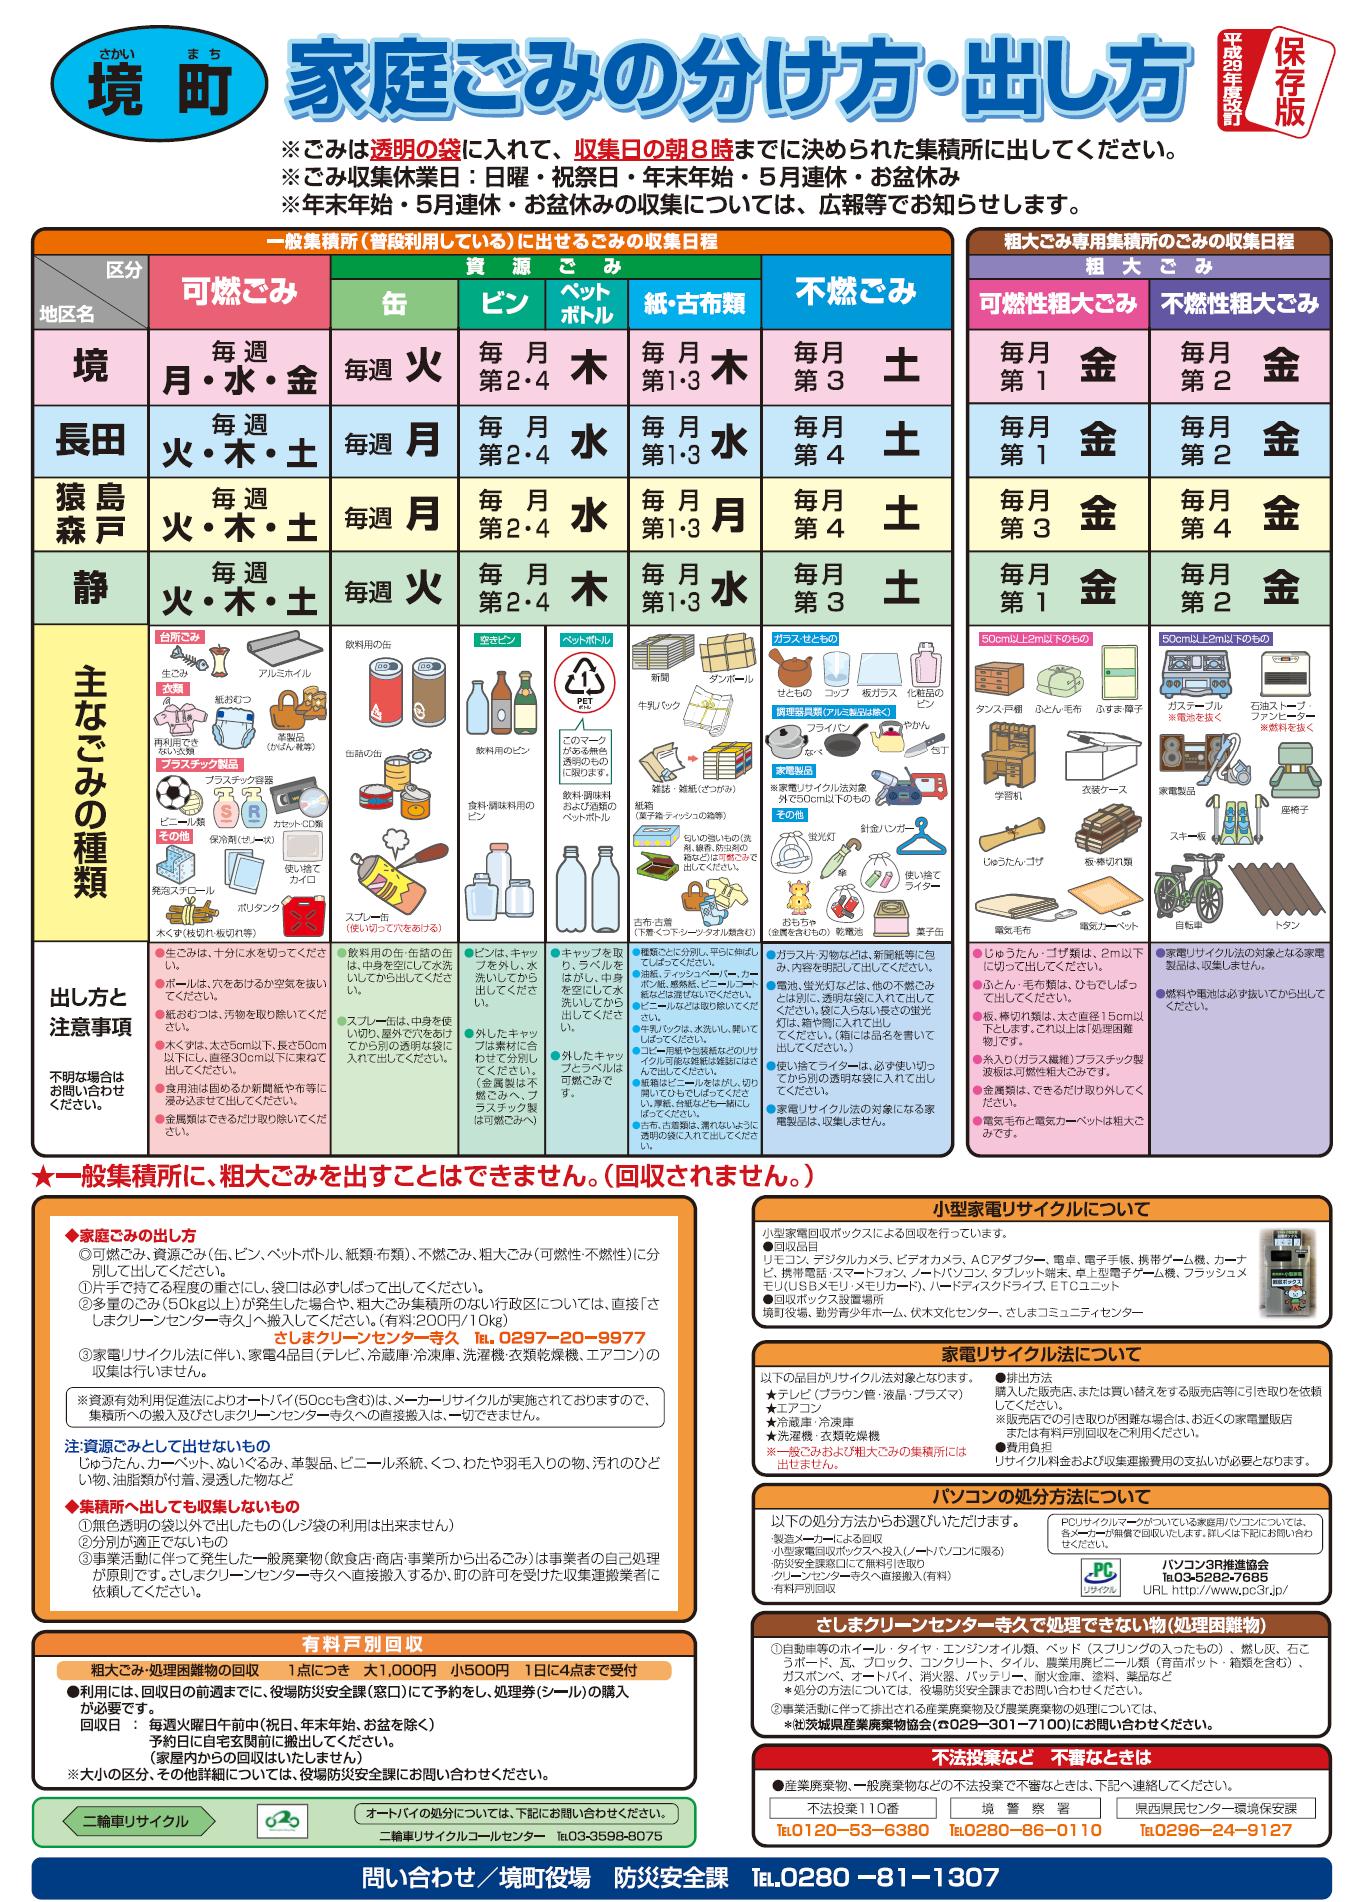 『家庭ごみの分け方・出し方 保存版 平成29年度改定』の画像